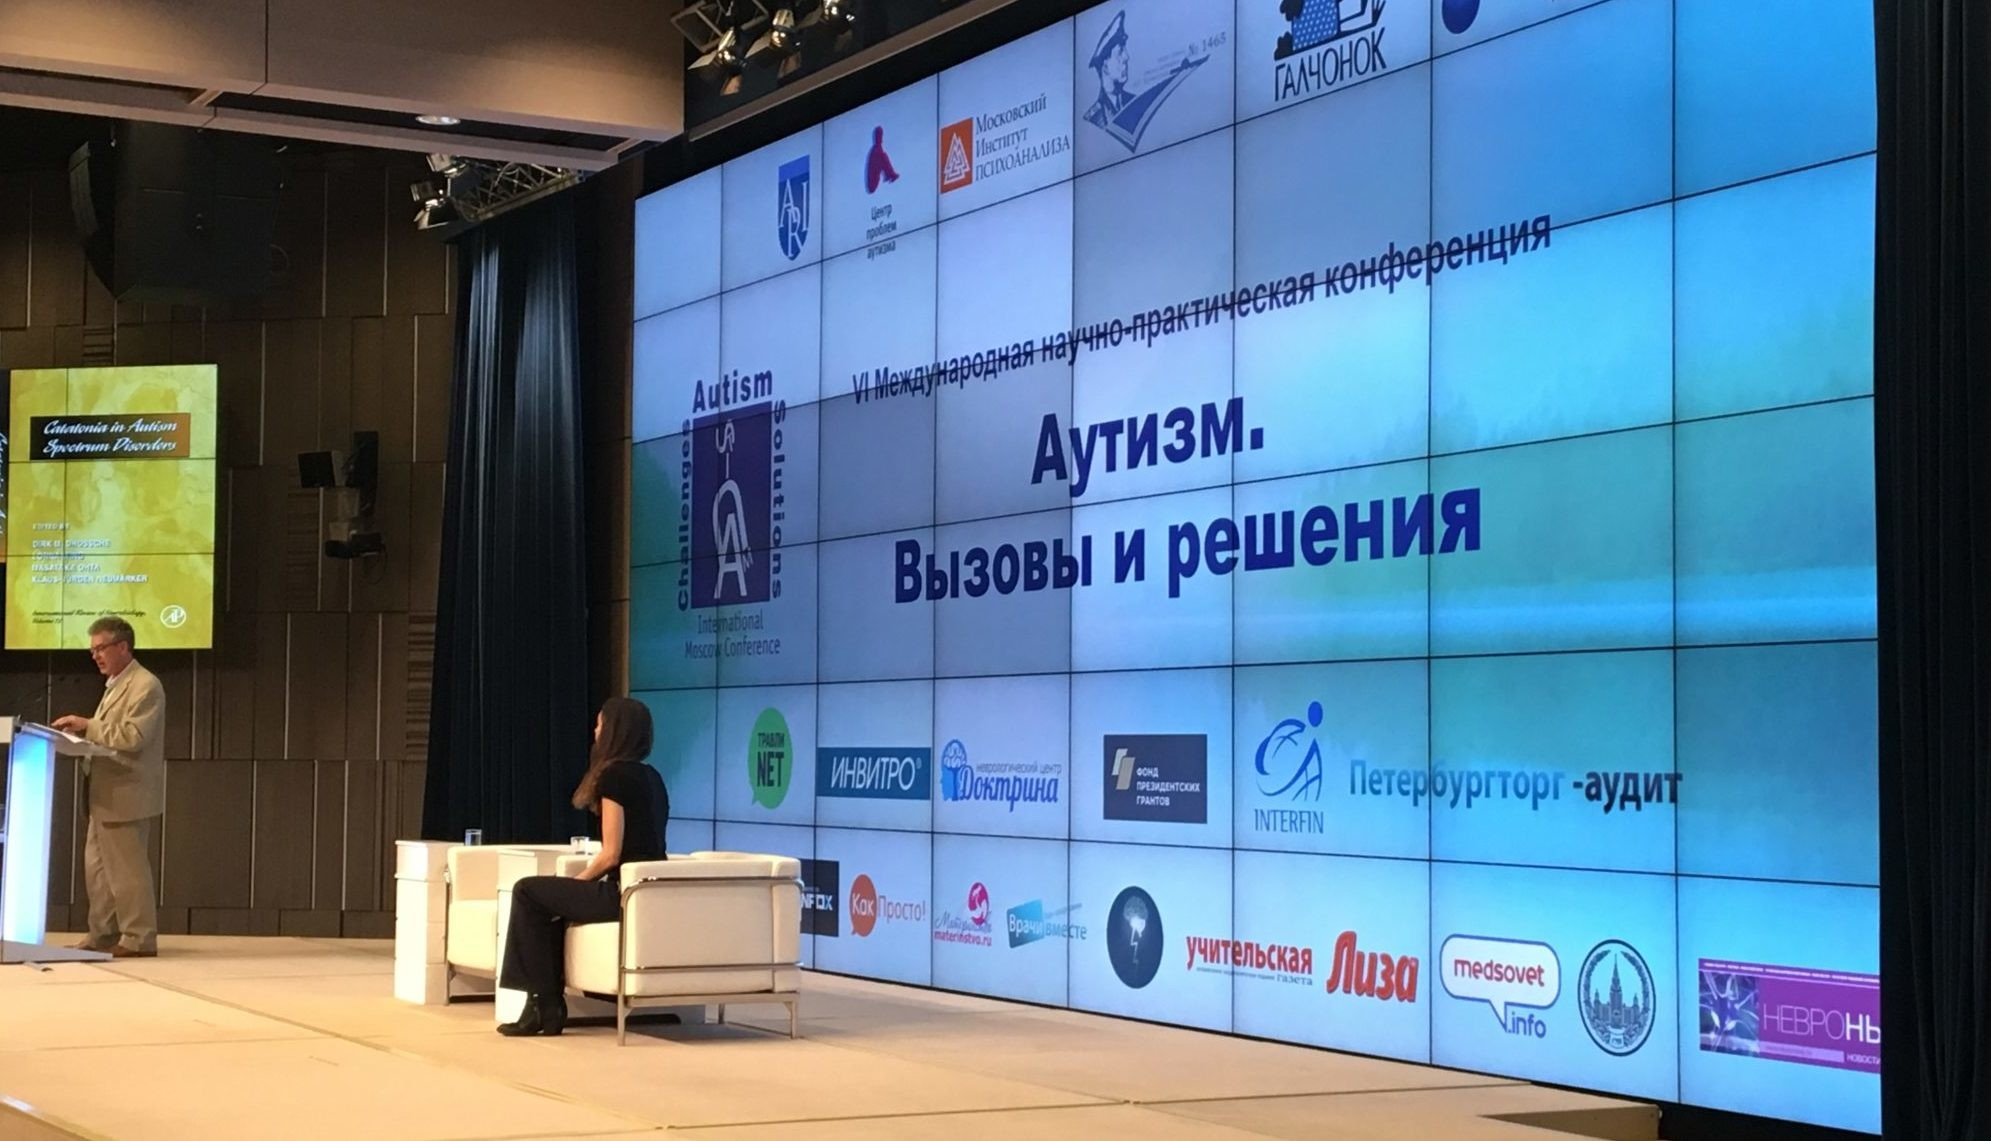 Конференция «Аутизм. Вызовы и решения»: главные выводы и цели